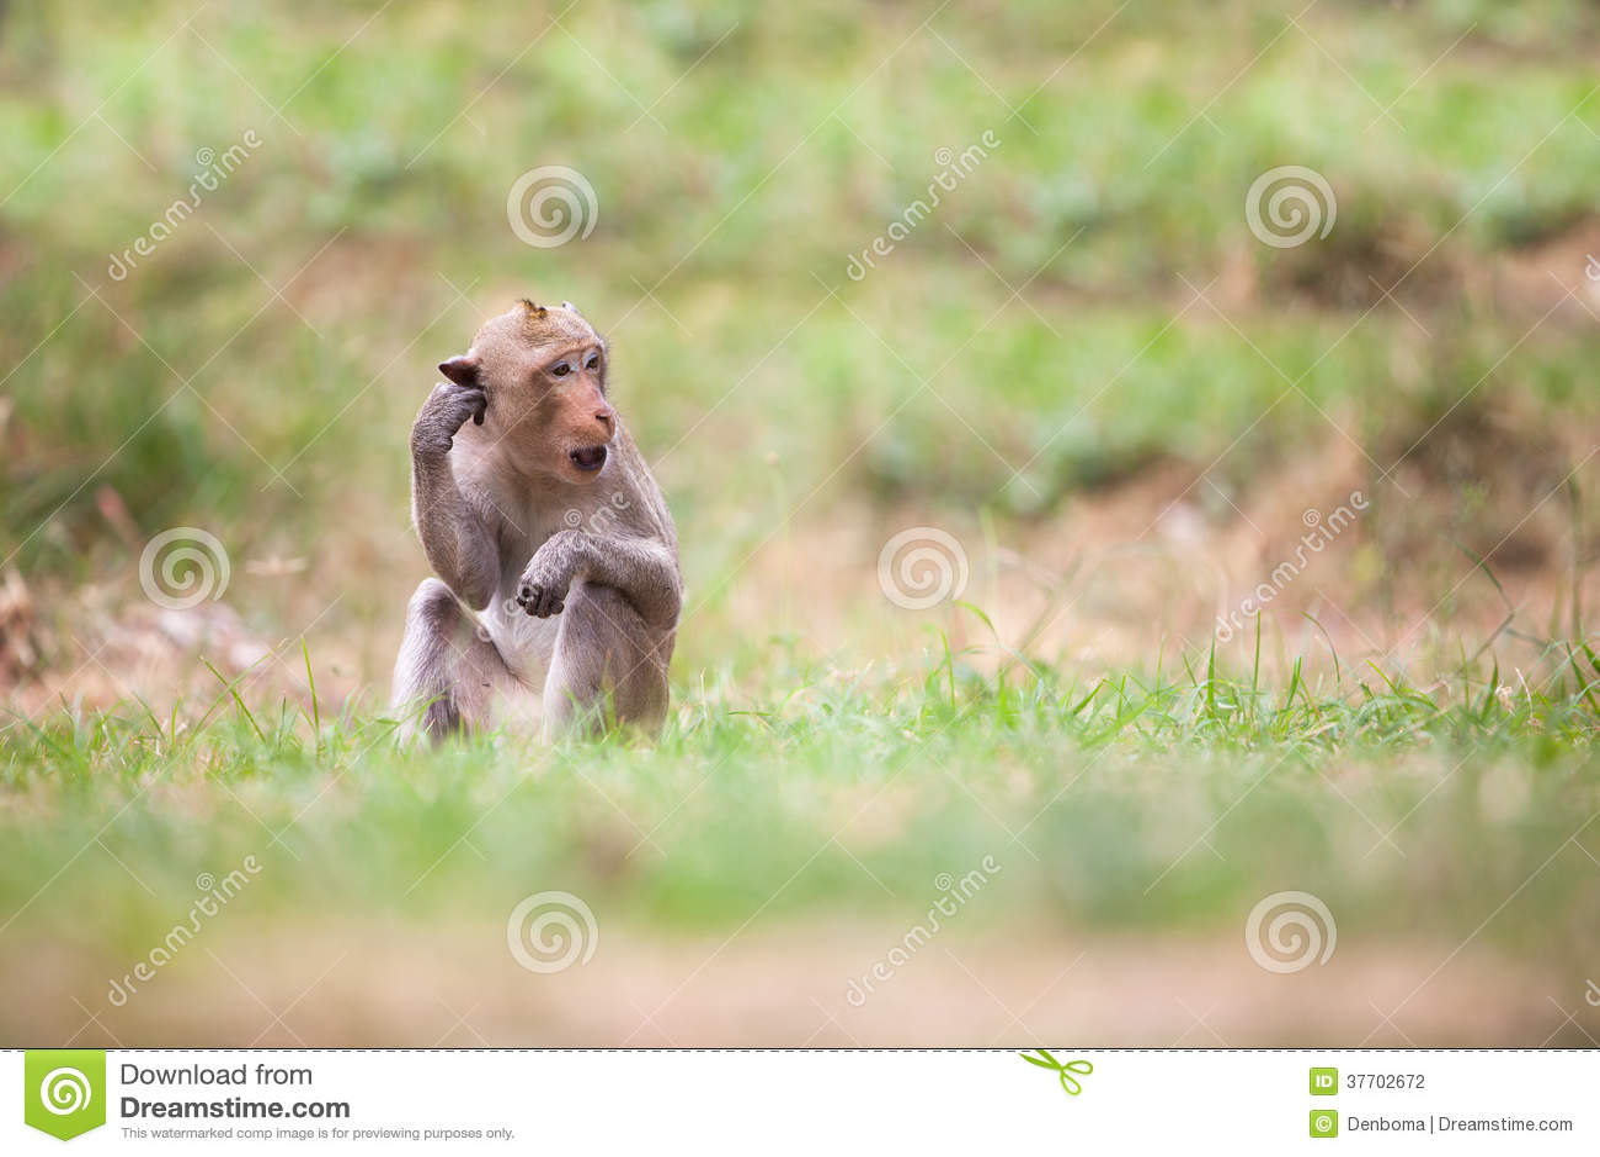 Monkeys of Thailand